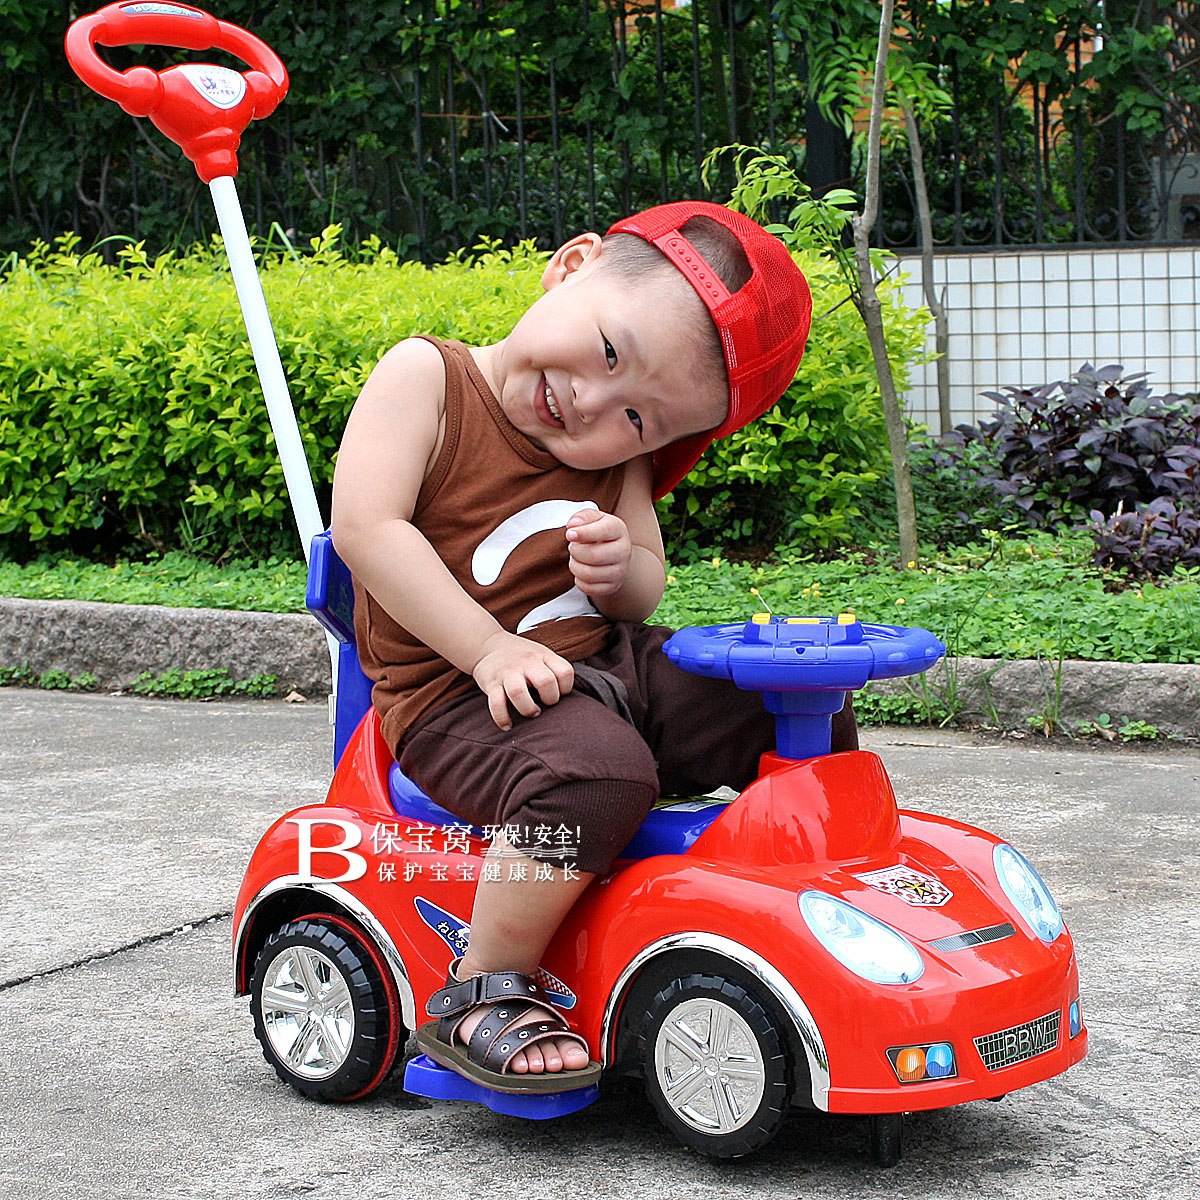 香港保宝窝儿童扭扭车带推杆摇摆车宝宝多功能双IC板音乐童车玩具